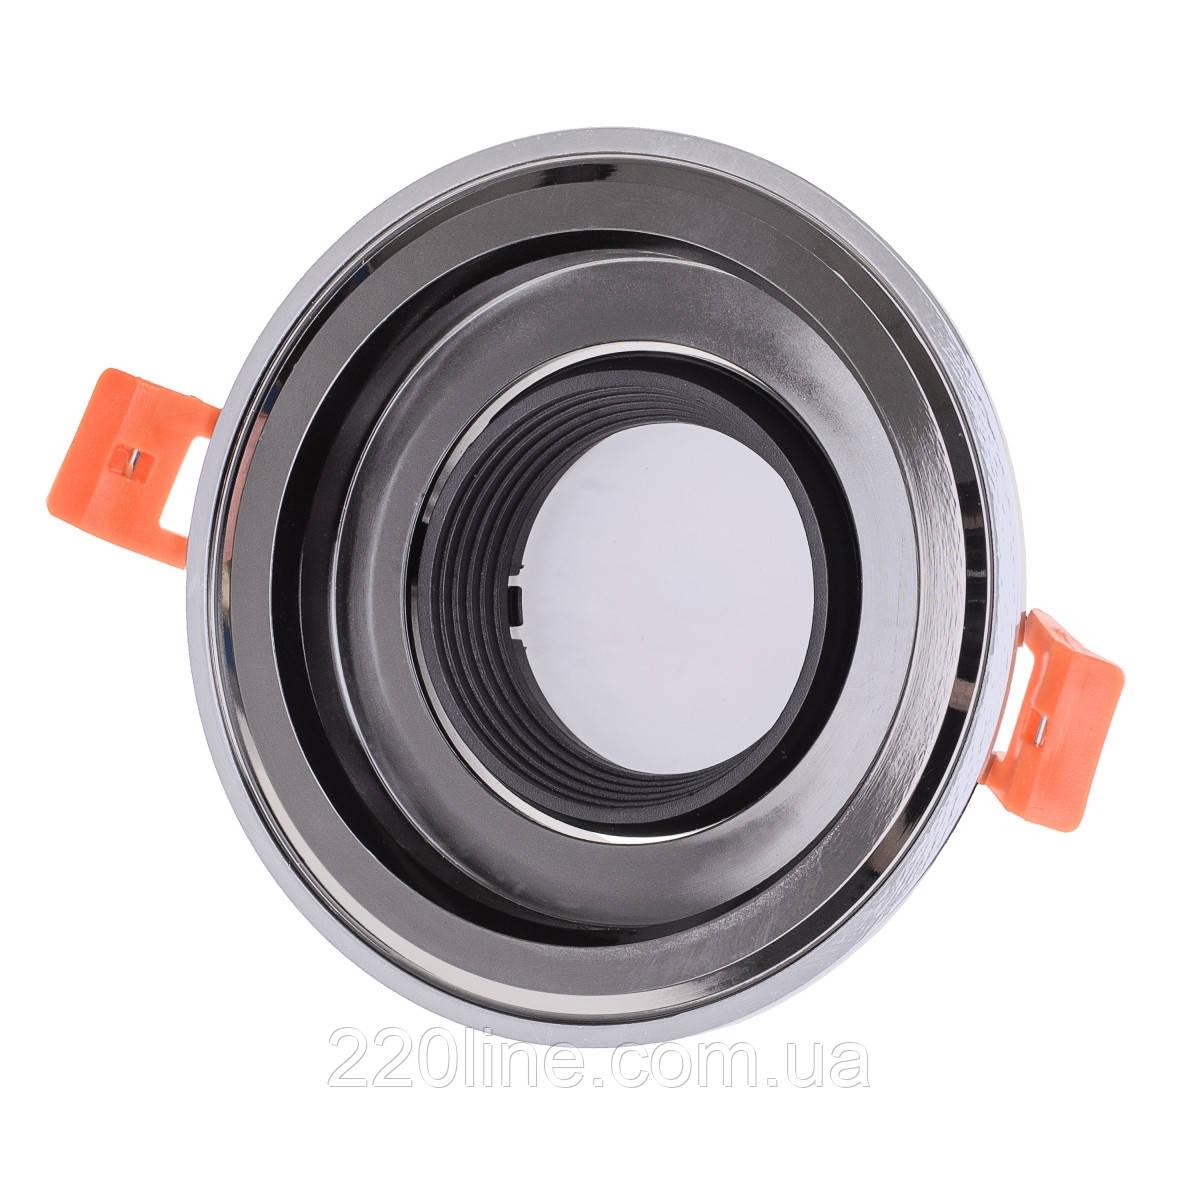 Світильник точковий HDL-DS 168 MR16 BK